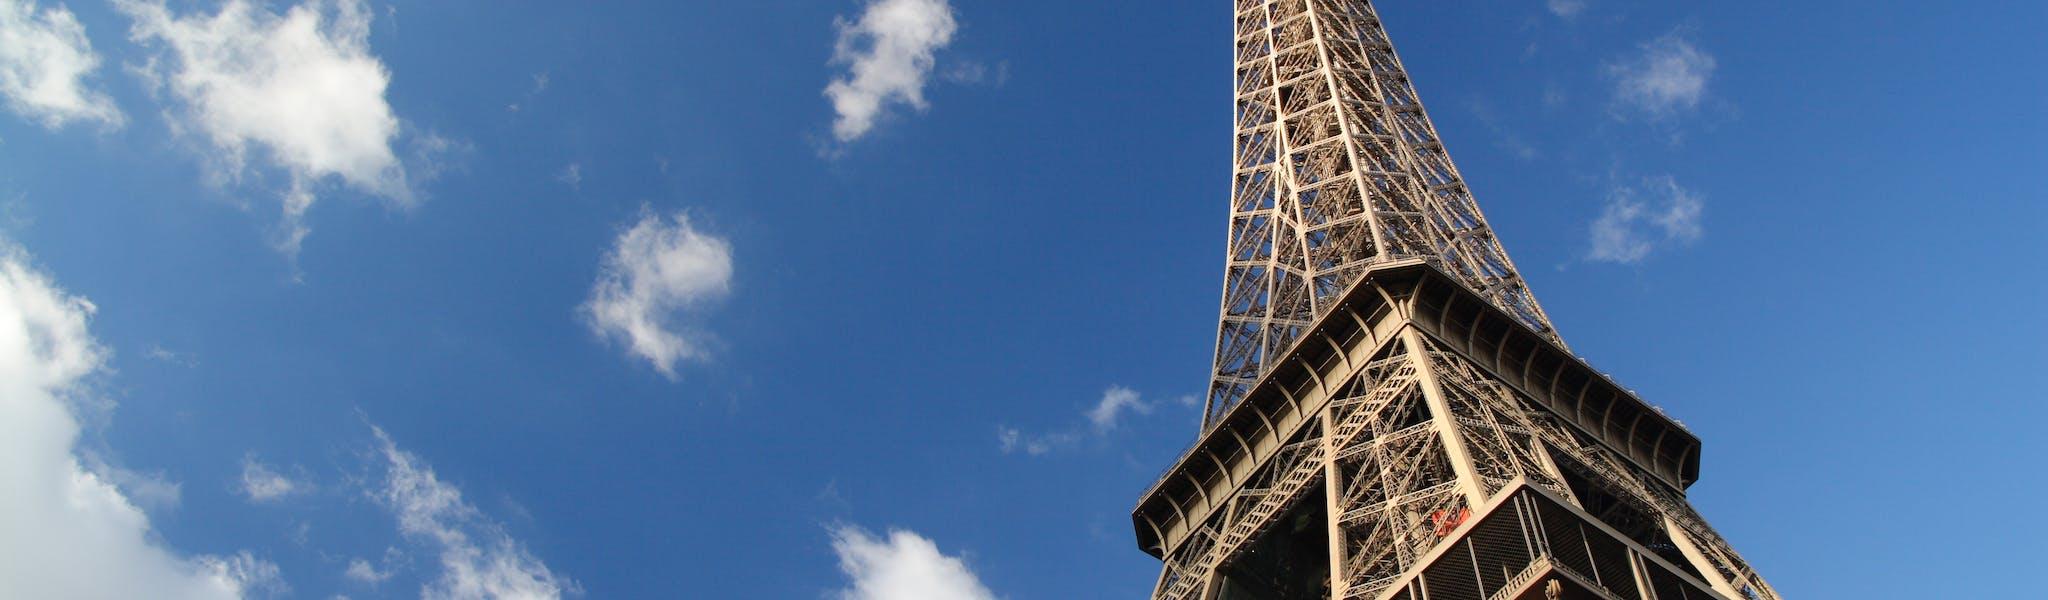 Eiffeltoren in Parijs